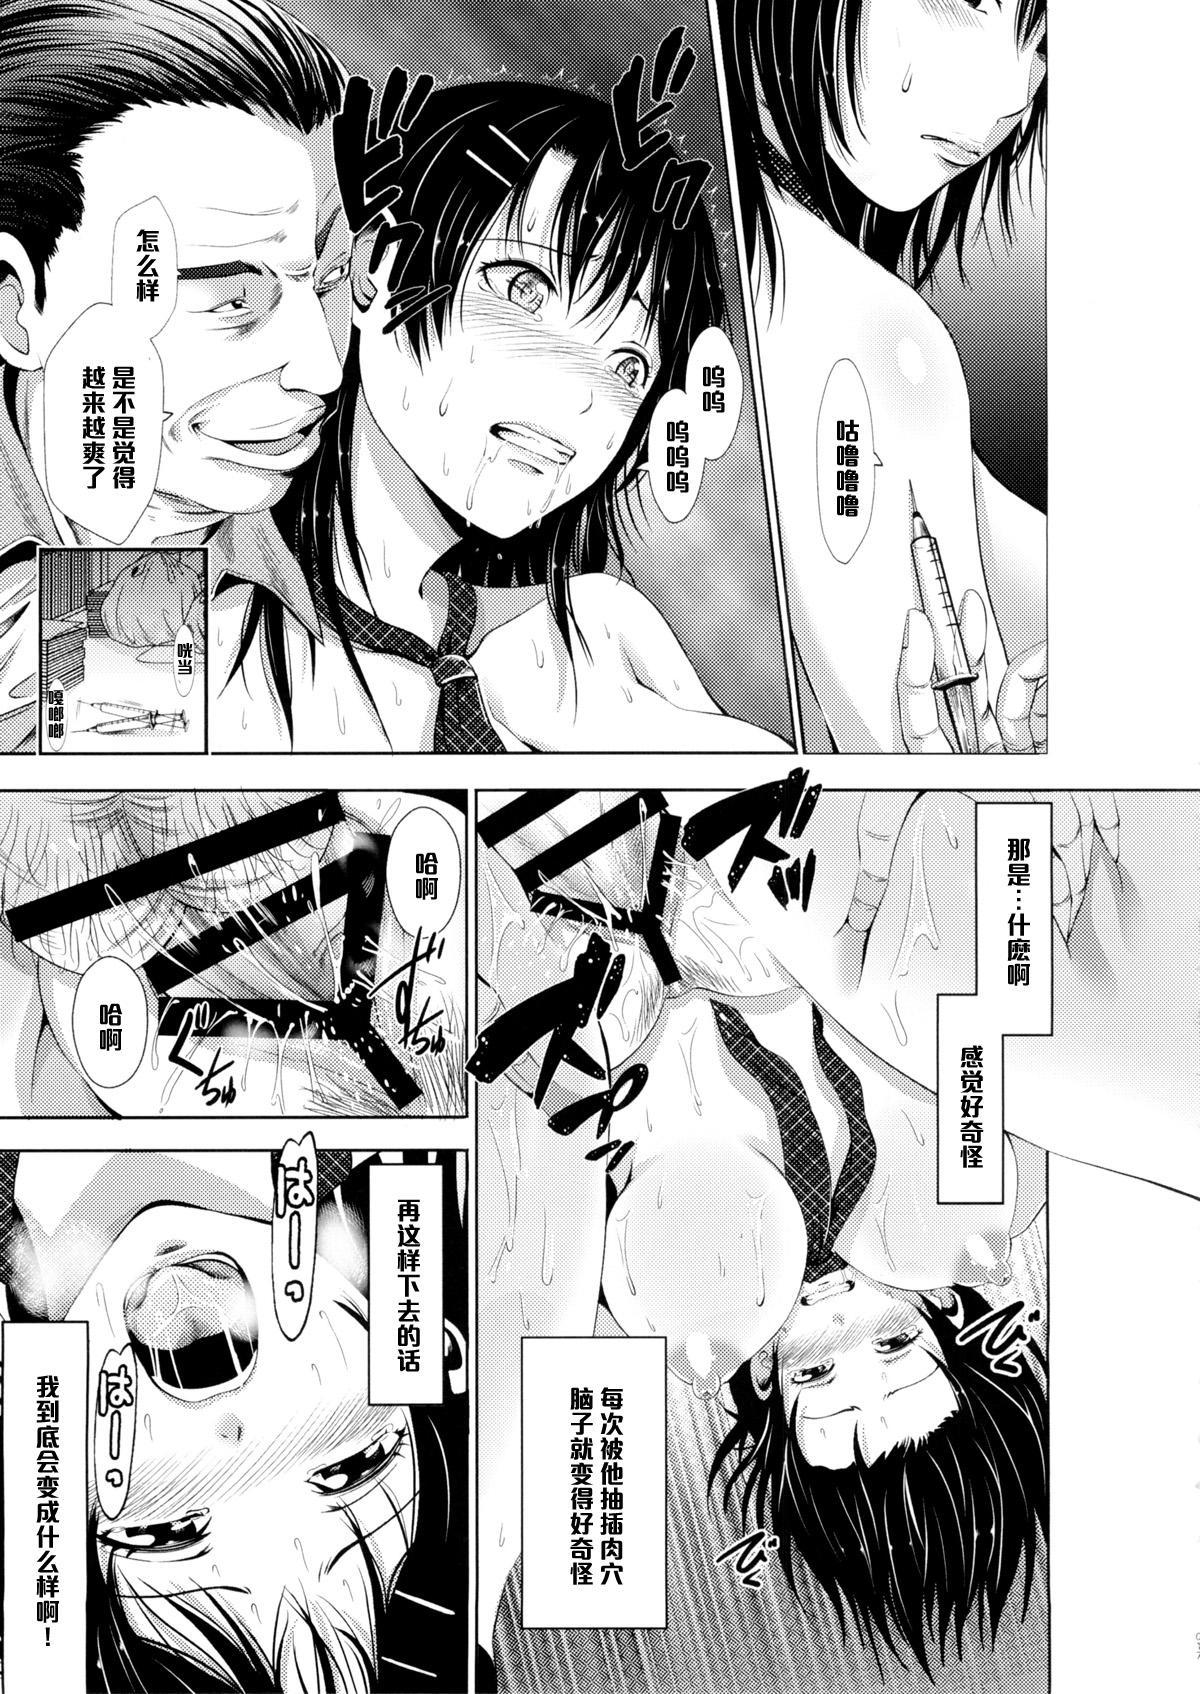 Yuutousei no Yoshida-san wa Sensei ni Kankin Sarete Nikubenki ni Narimashita. 16